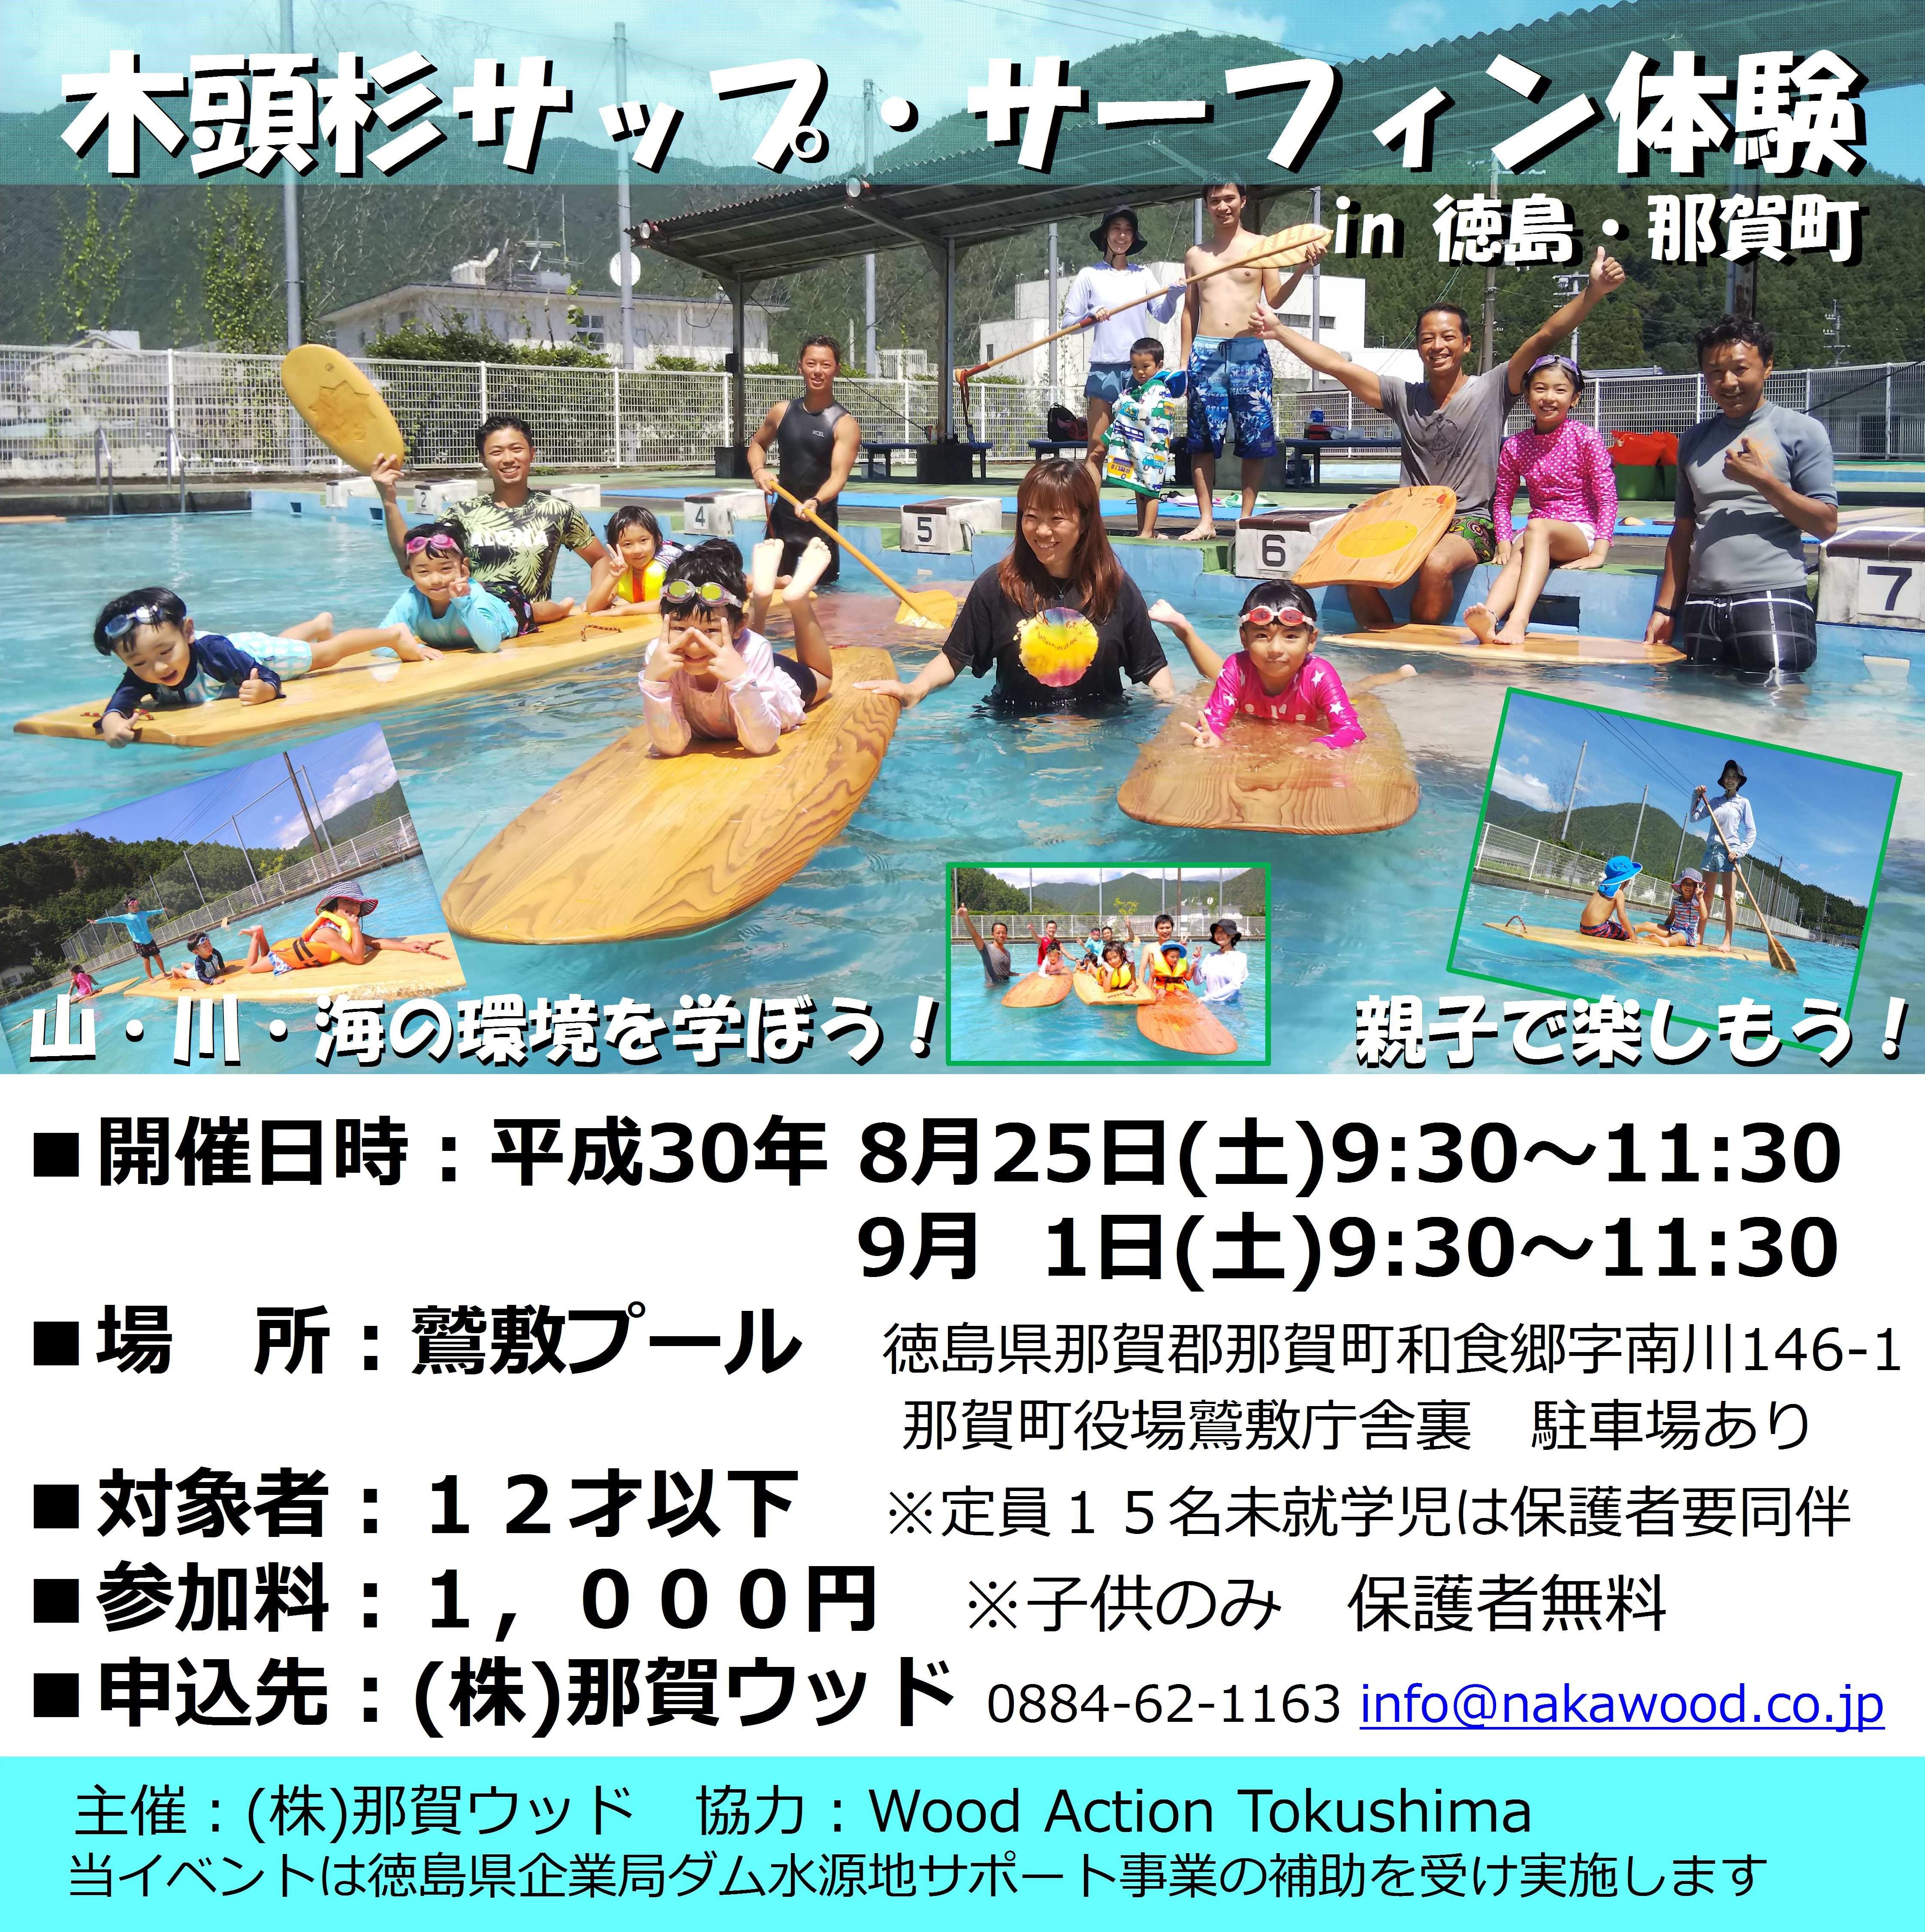 木頭杉サップ・サーフィン体験 in 徳島・那賀町